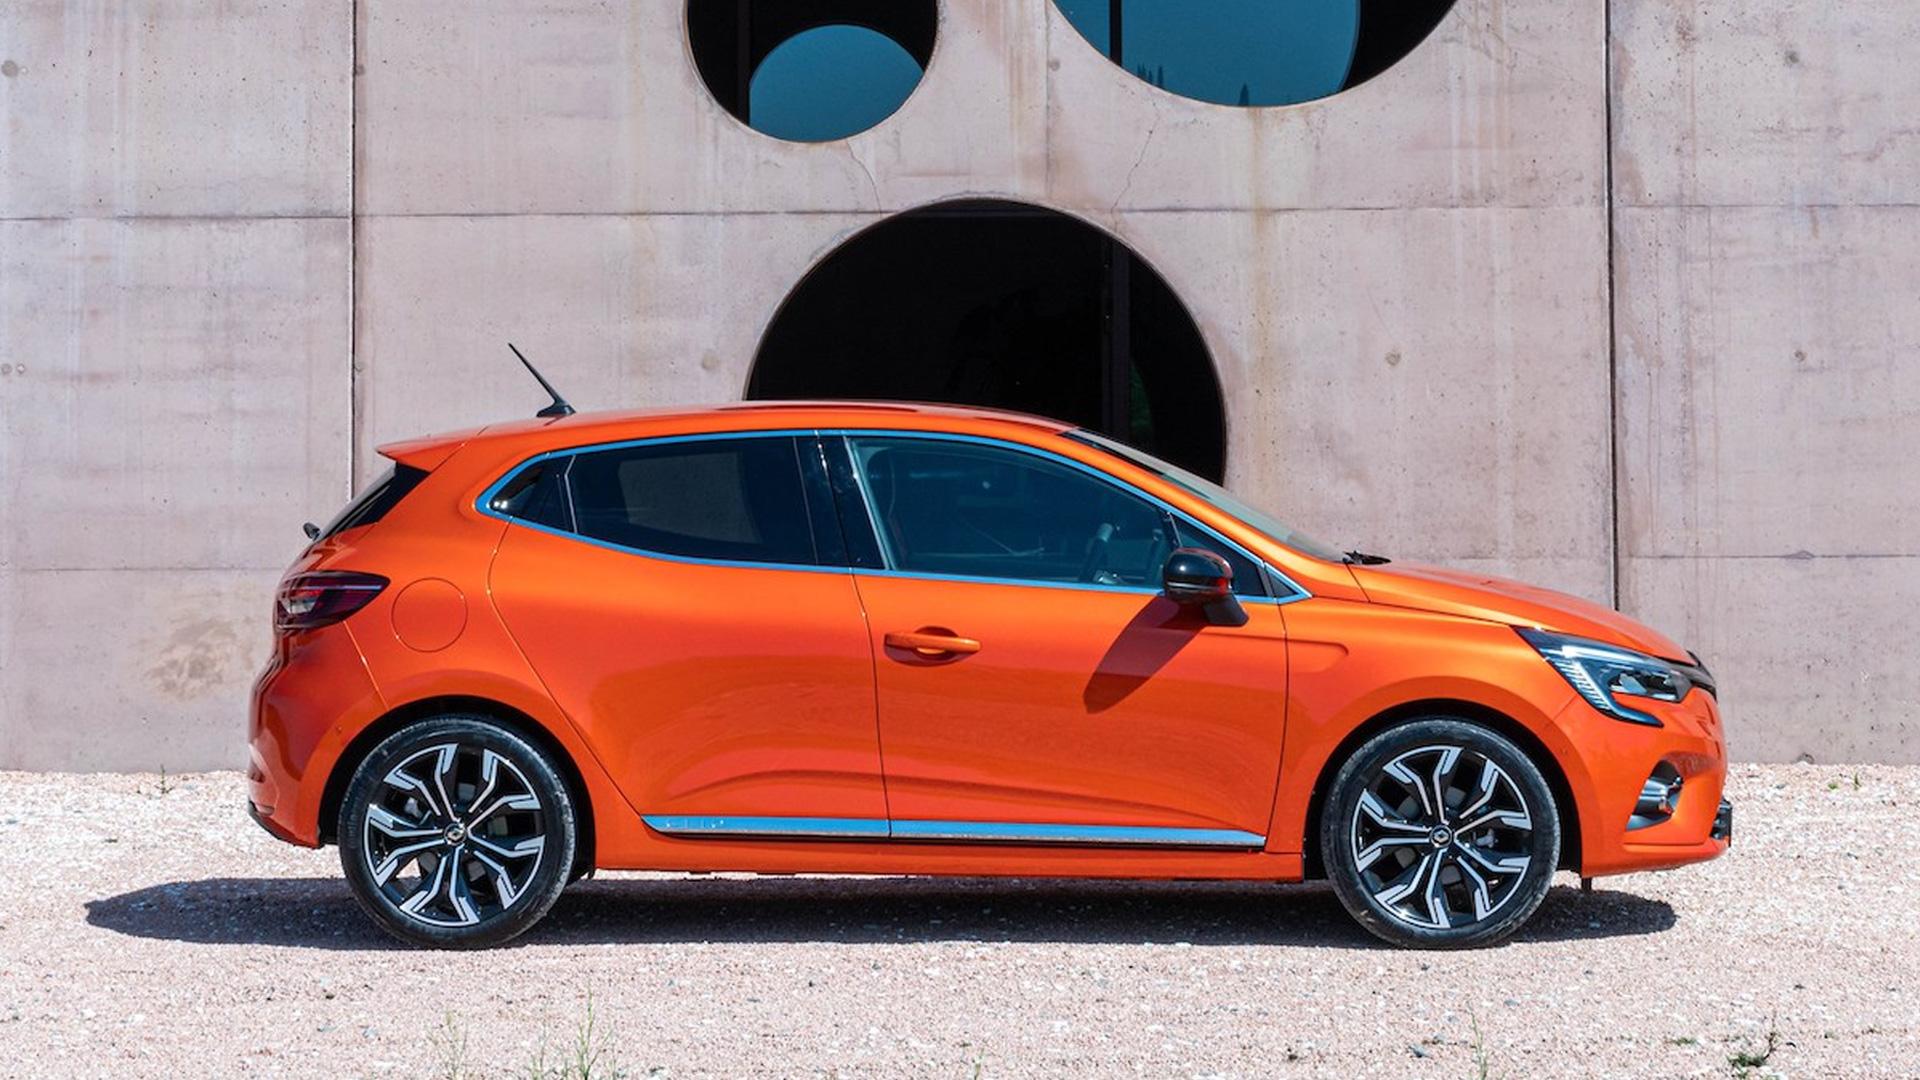 Renaul Clio 2020 migliori auto a GPL